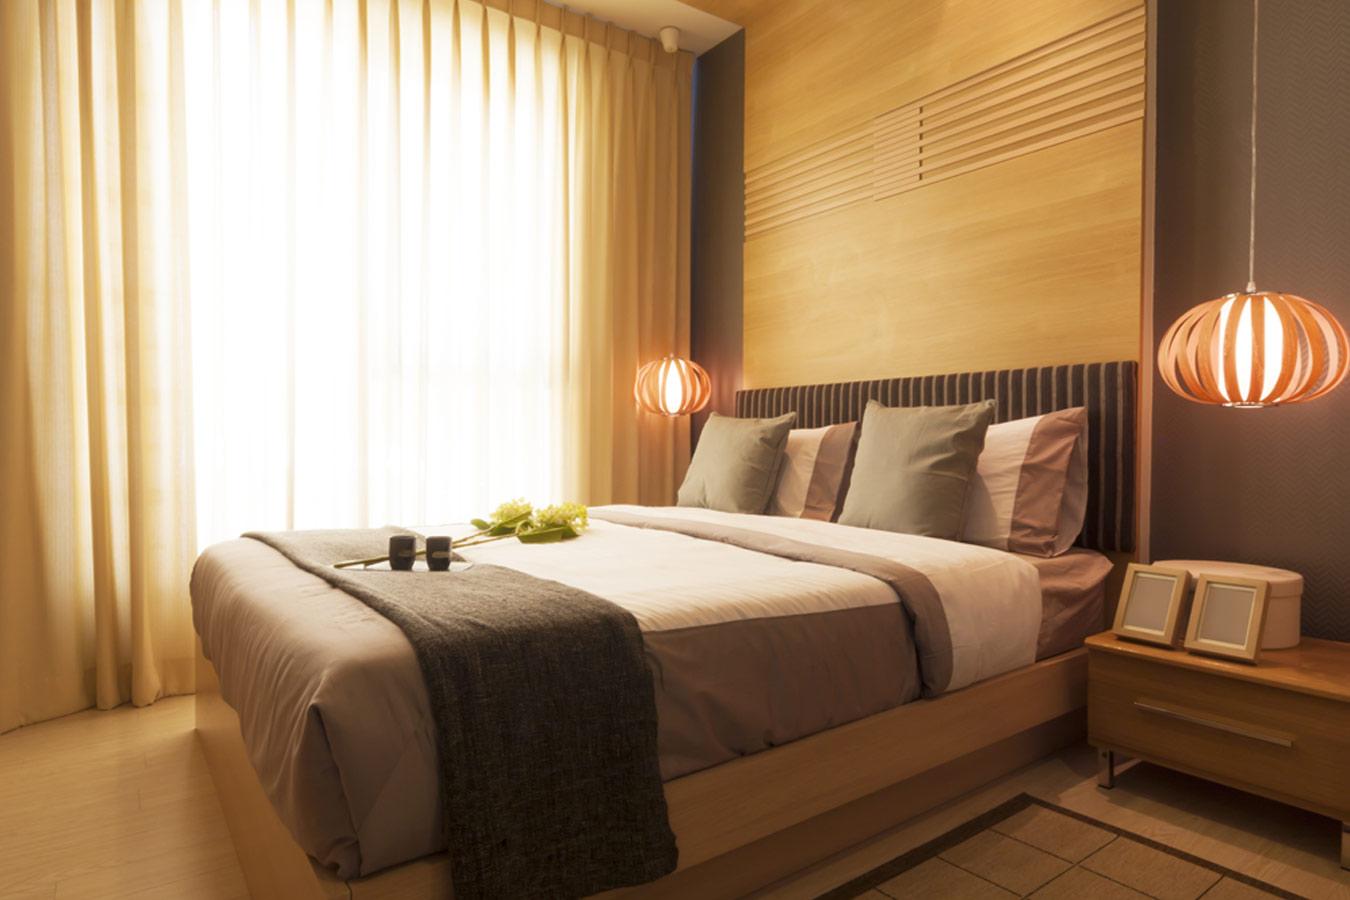 landelijke slaapkamer: ideeën & inspiratie, Deco ideeën